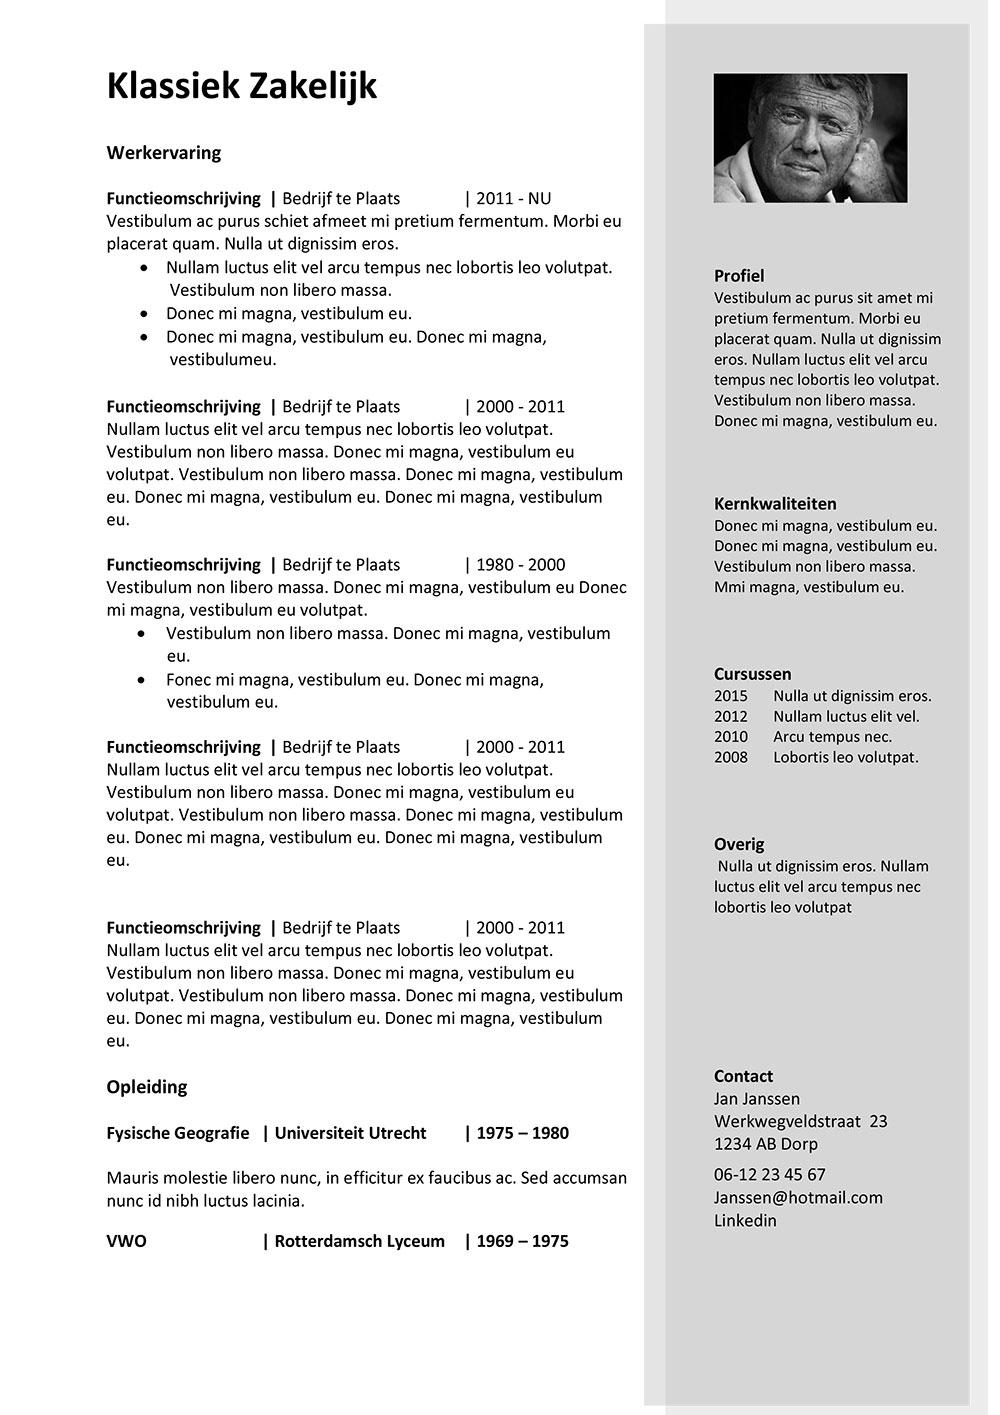 CV Klassiek Zakelijk   Force at Work